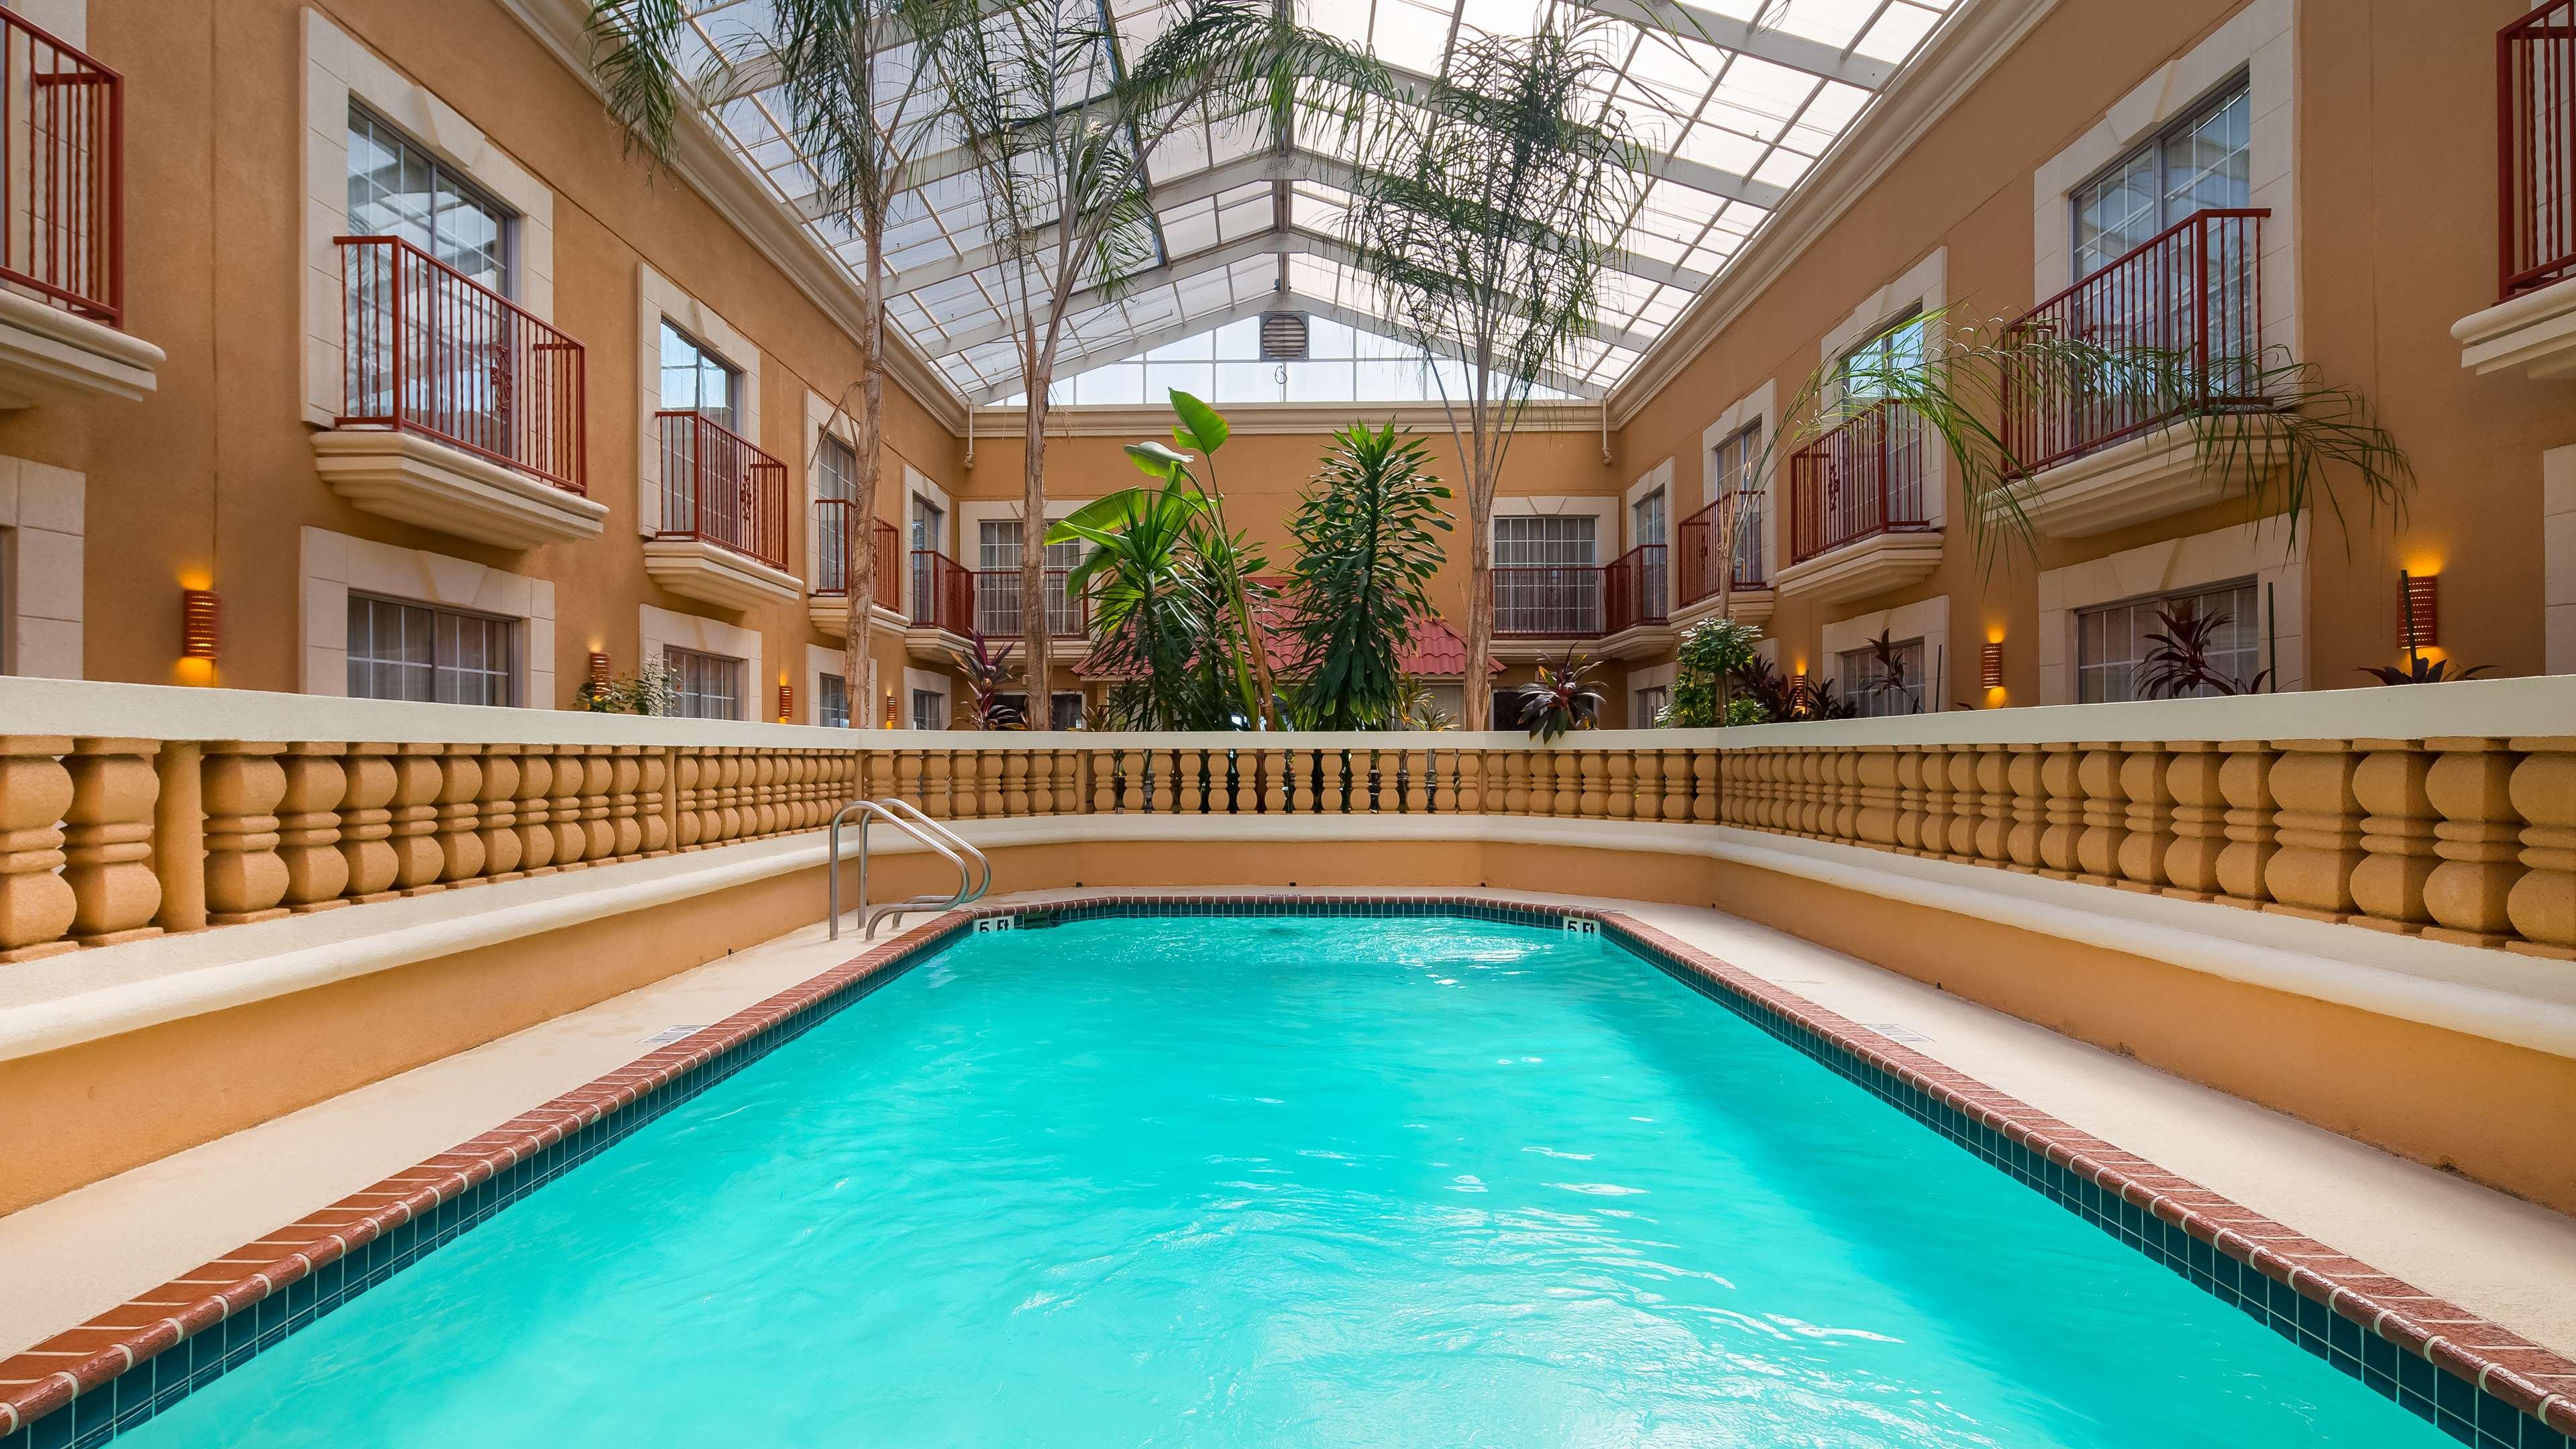 Best Western Plus Atrium Inn image 27